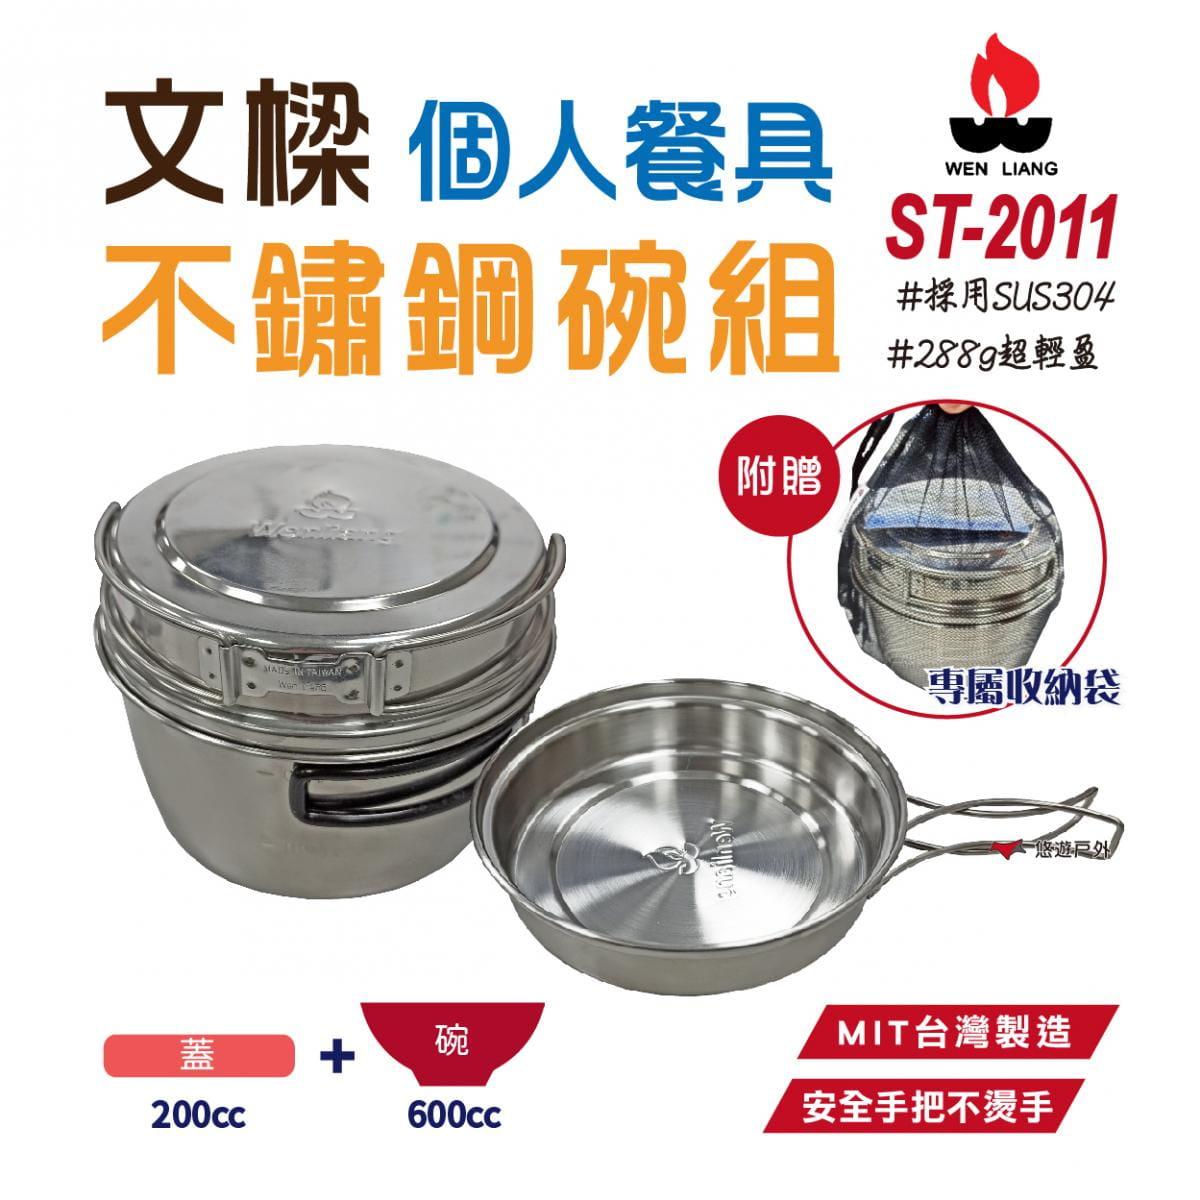 【文樑】ST-2011 600cc 304不鏽鋼碗 個人餐具 湯碗 鍋具 分菜盤 廚房 露營 野餐